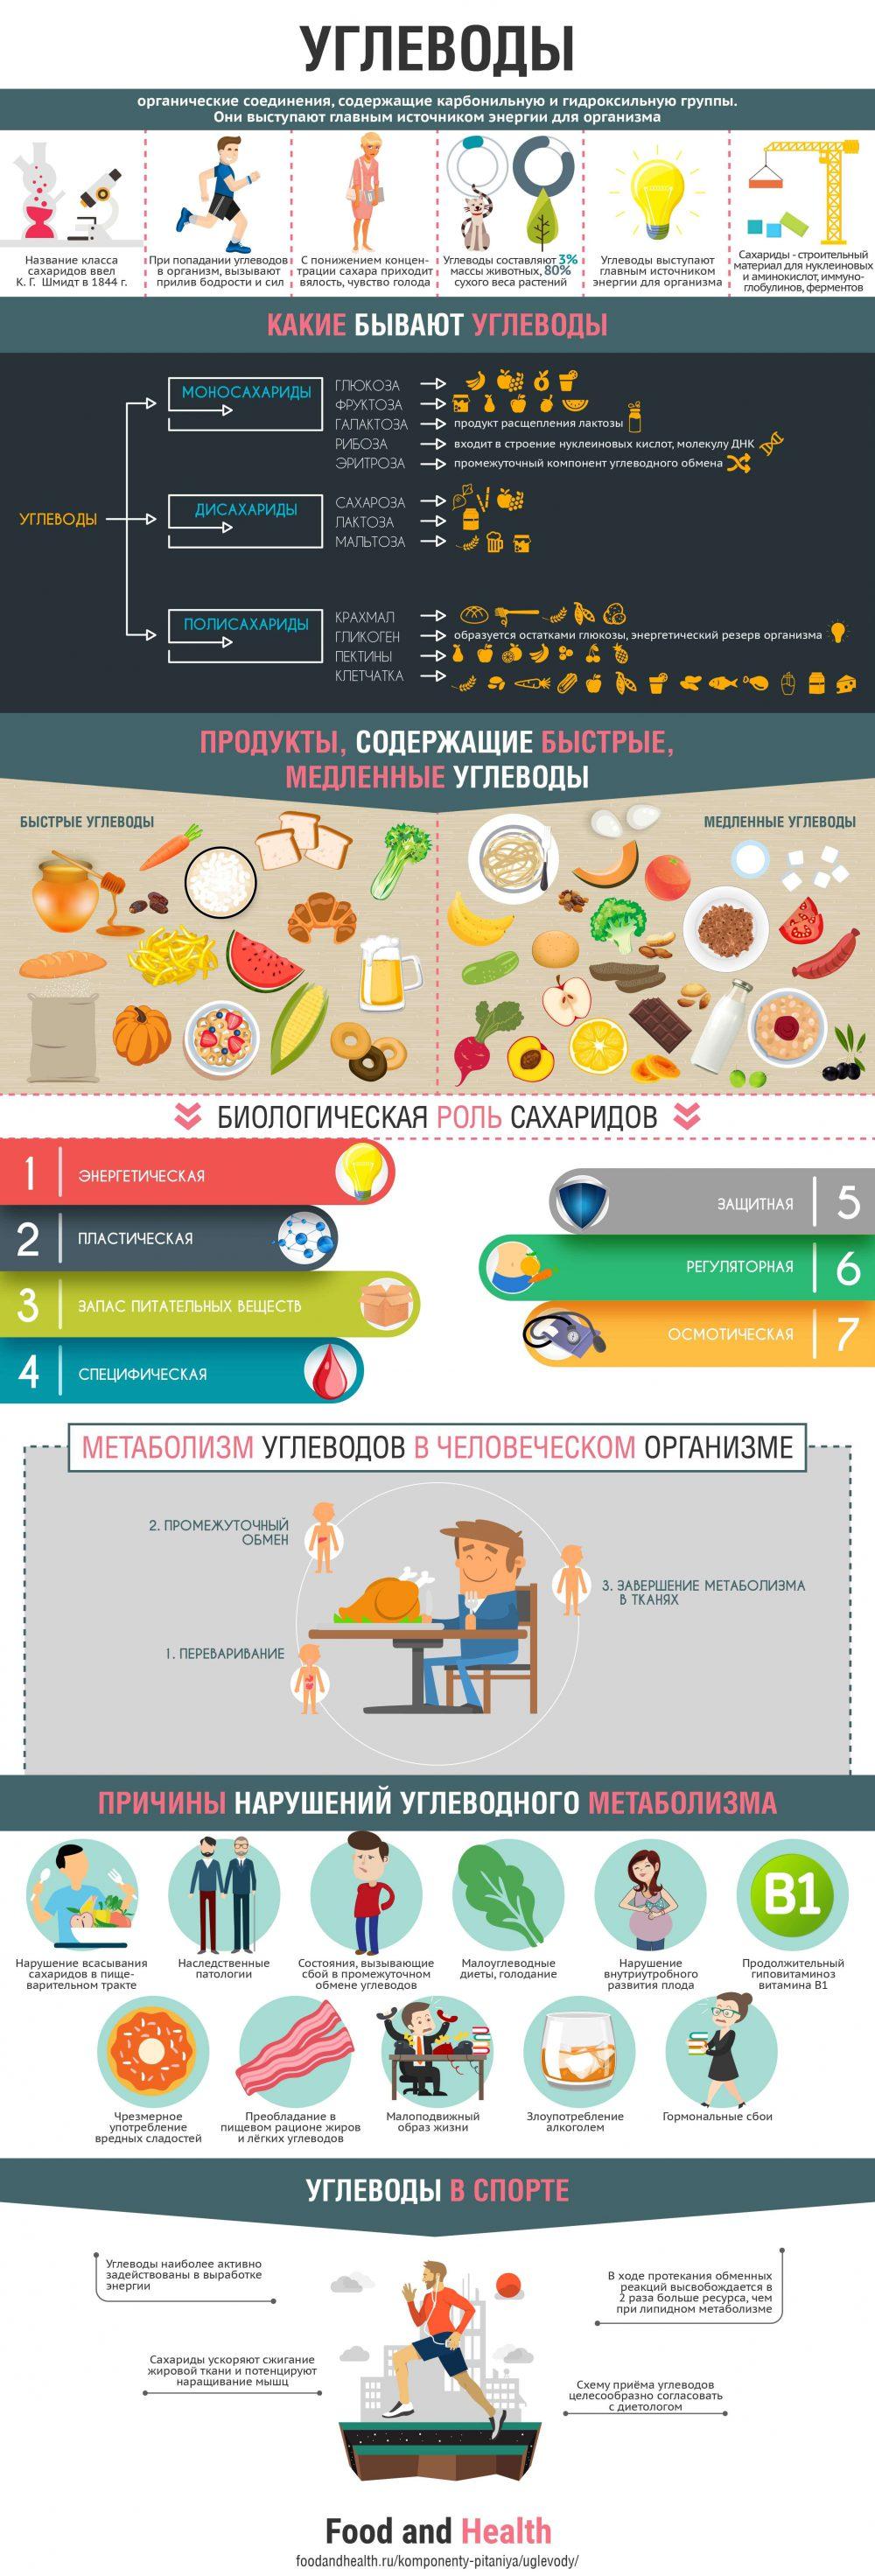 Углеводы - инфографика